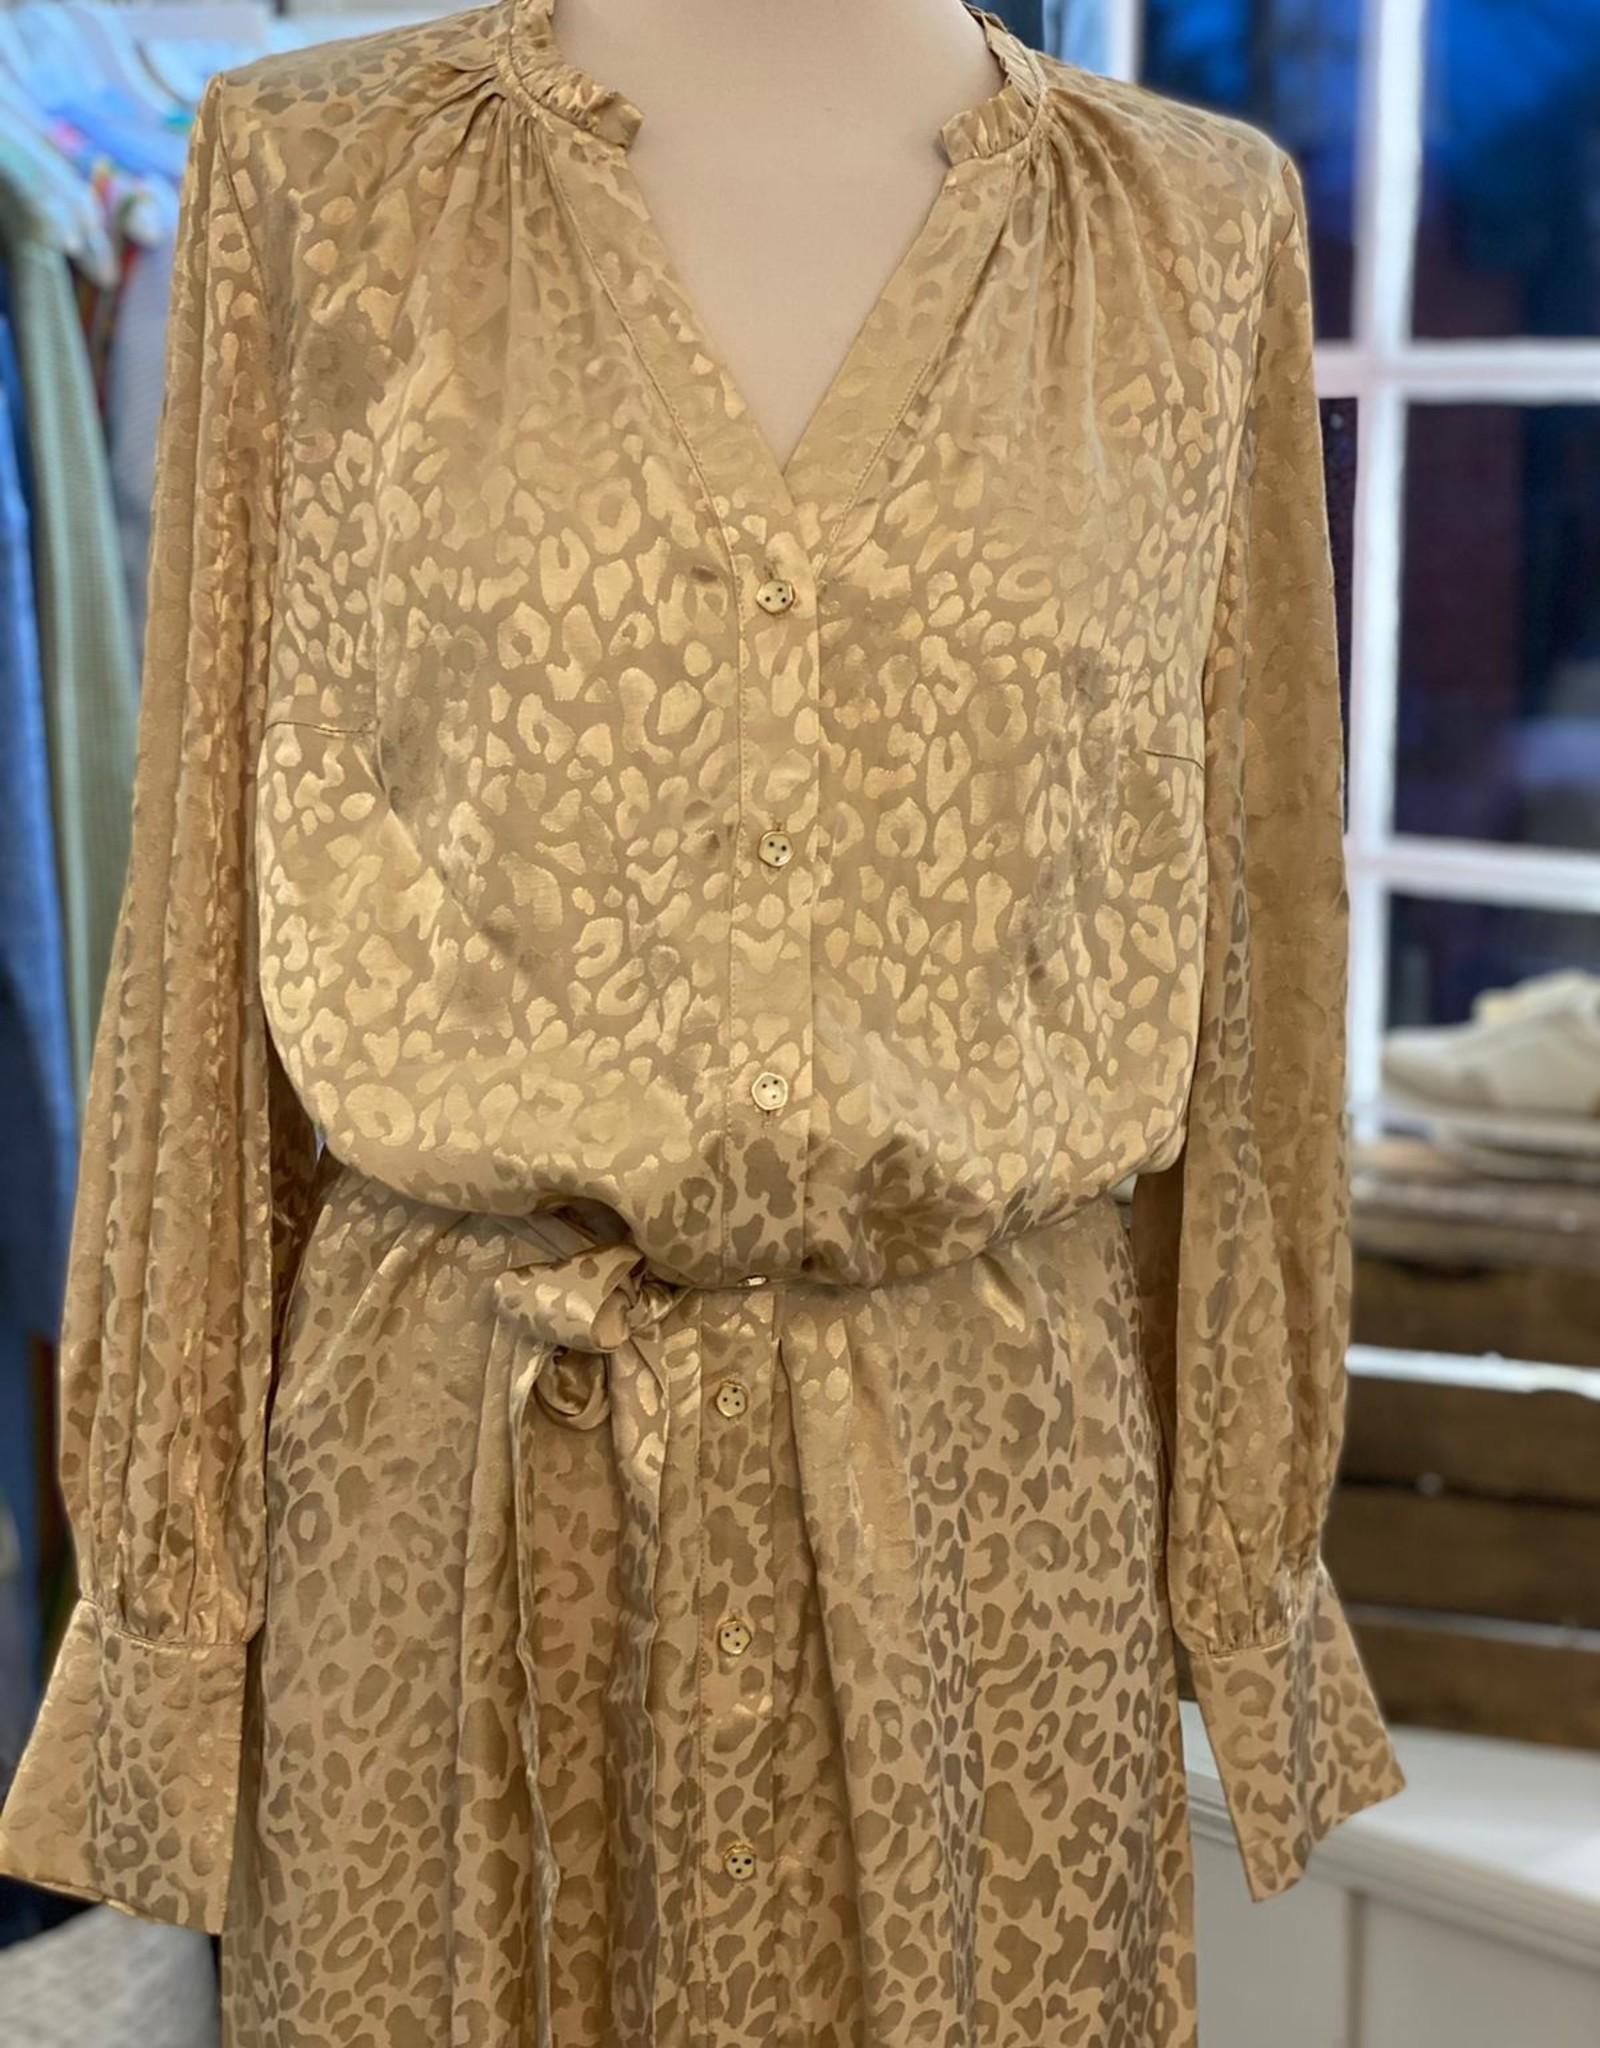 COSTER COPENHAGEN LONG SHIRT DRESS IN LEOPARD JAQUARD 211-5157